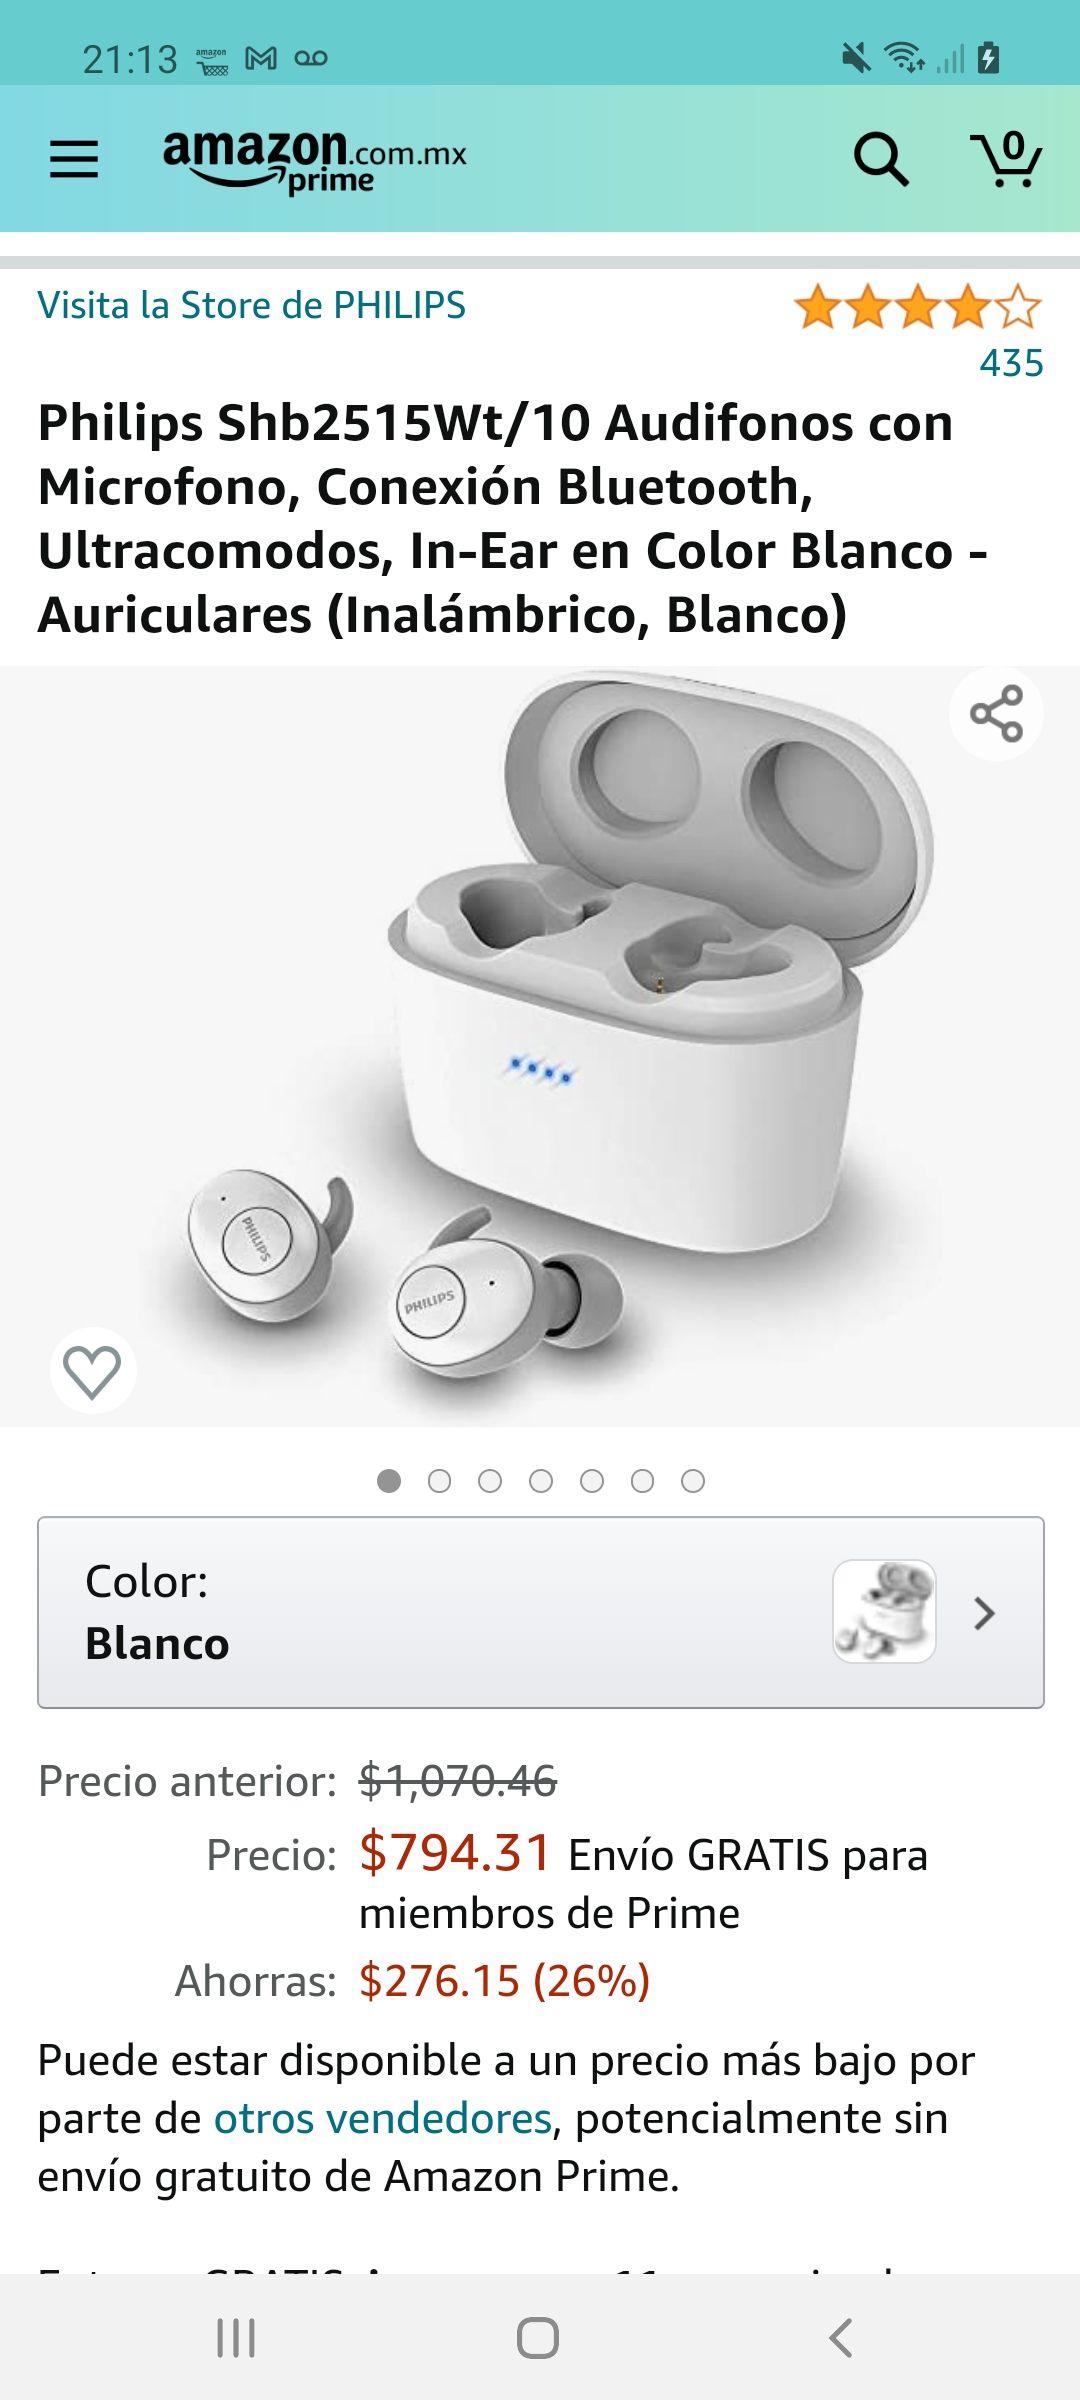 Amazon: Philips Shb2515Wt/10 Audifonos con Microfono, Conexión Bluetooth, Ultracomodos, In-Ear en Color Blanco